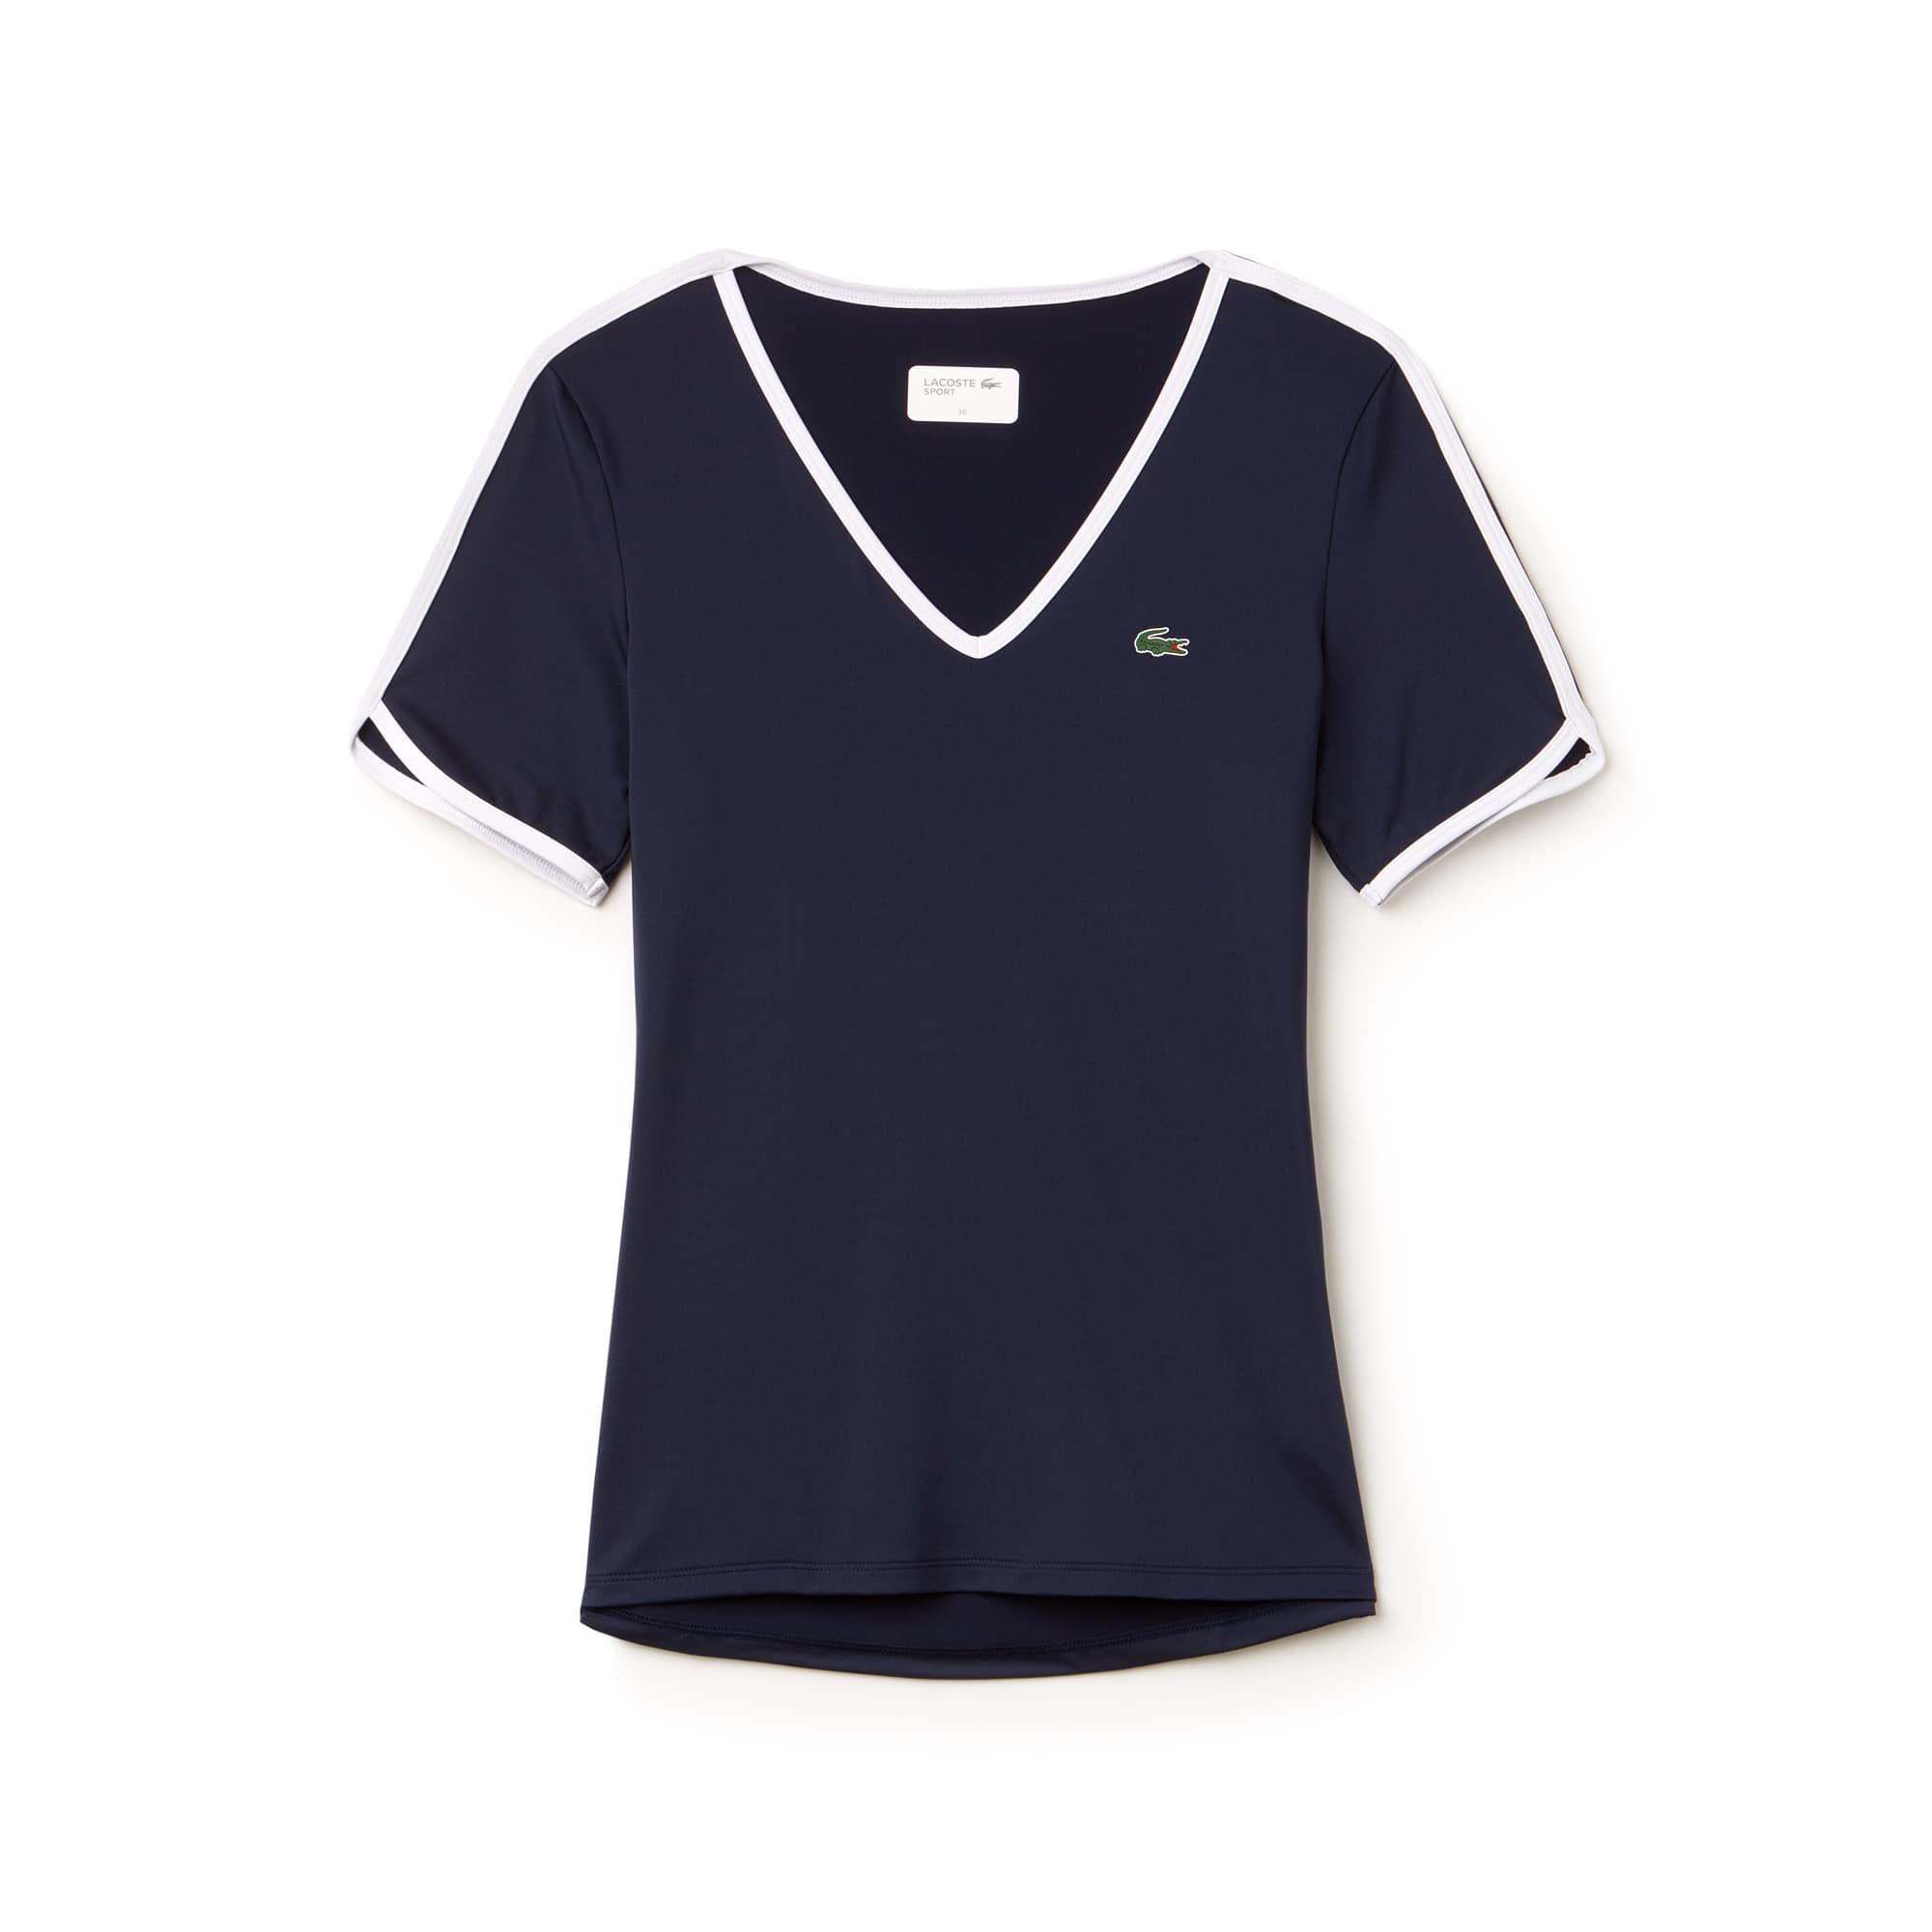 Damen LACOSTE SPORT Tennis T-Shirt mit V-Ausschnitt